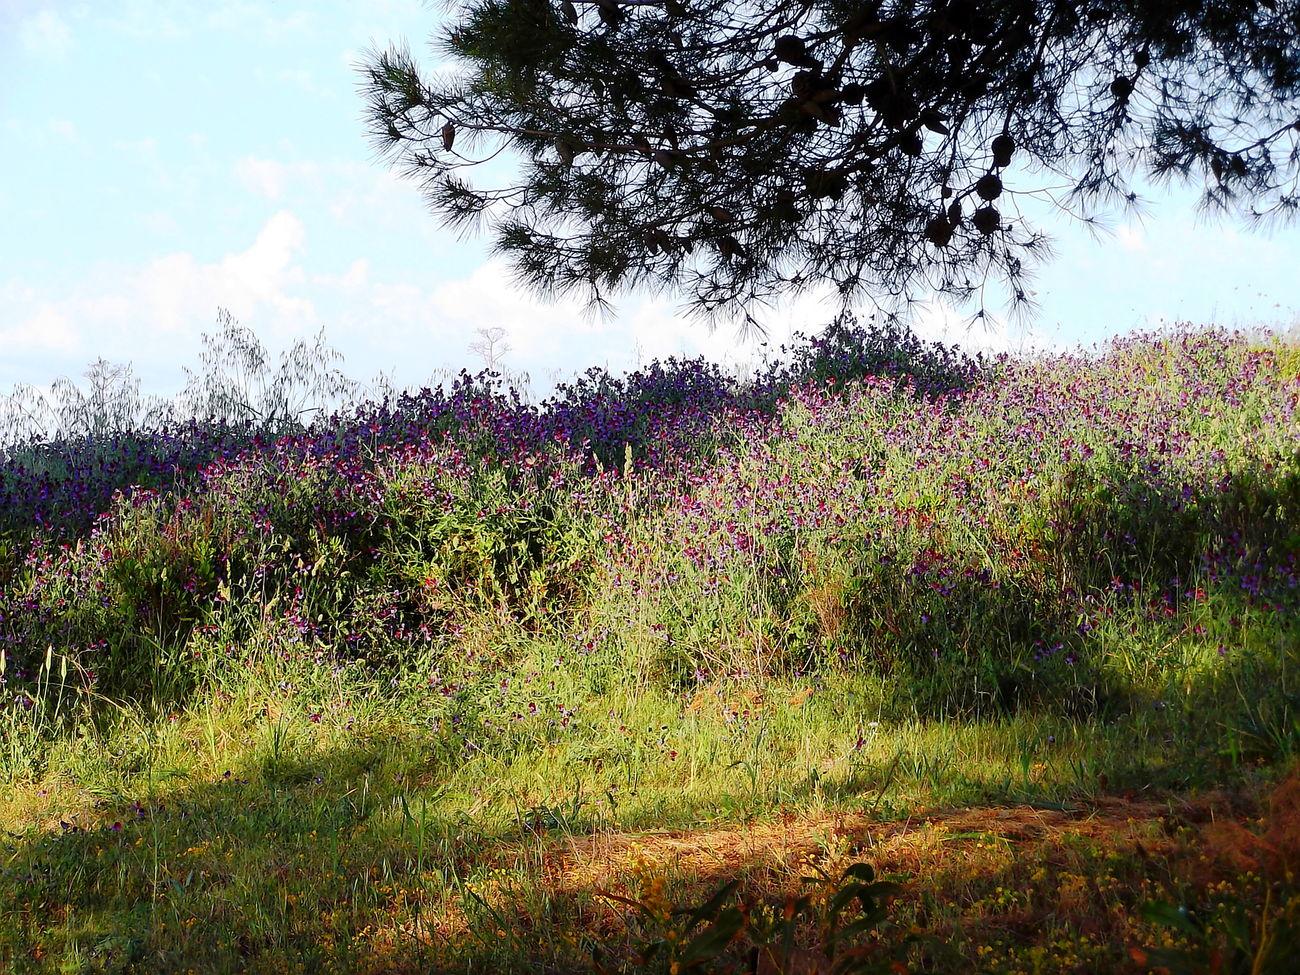 Agrigento Alberi Beauty In Nature Campi Cielo Azzurro Erba Fiori Flower Freshness Green Color Growth Natura Nature No People Nuvole Outdoors Sicilia Silohuette Tree Vegetazione